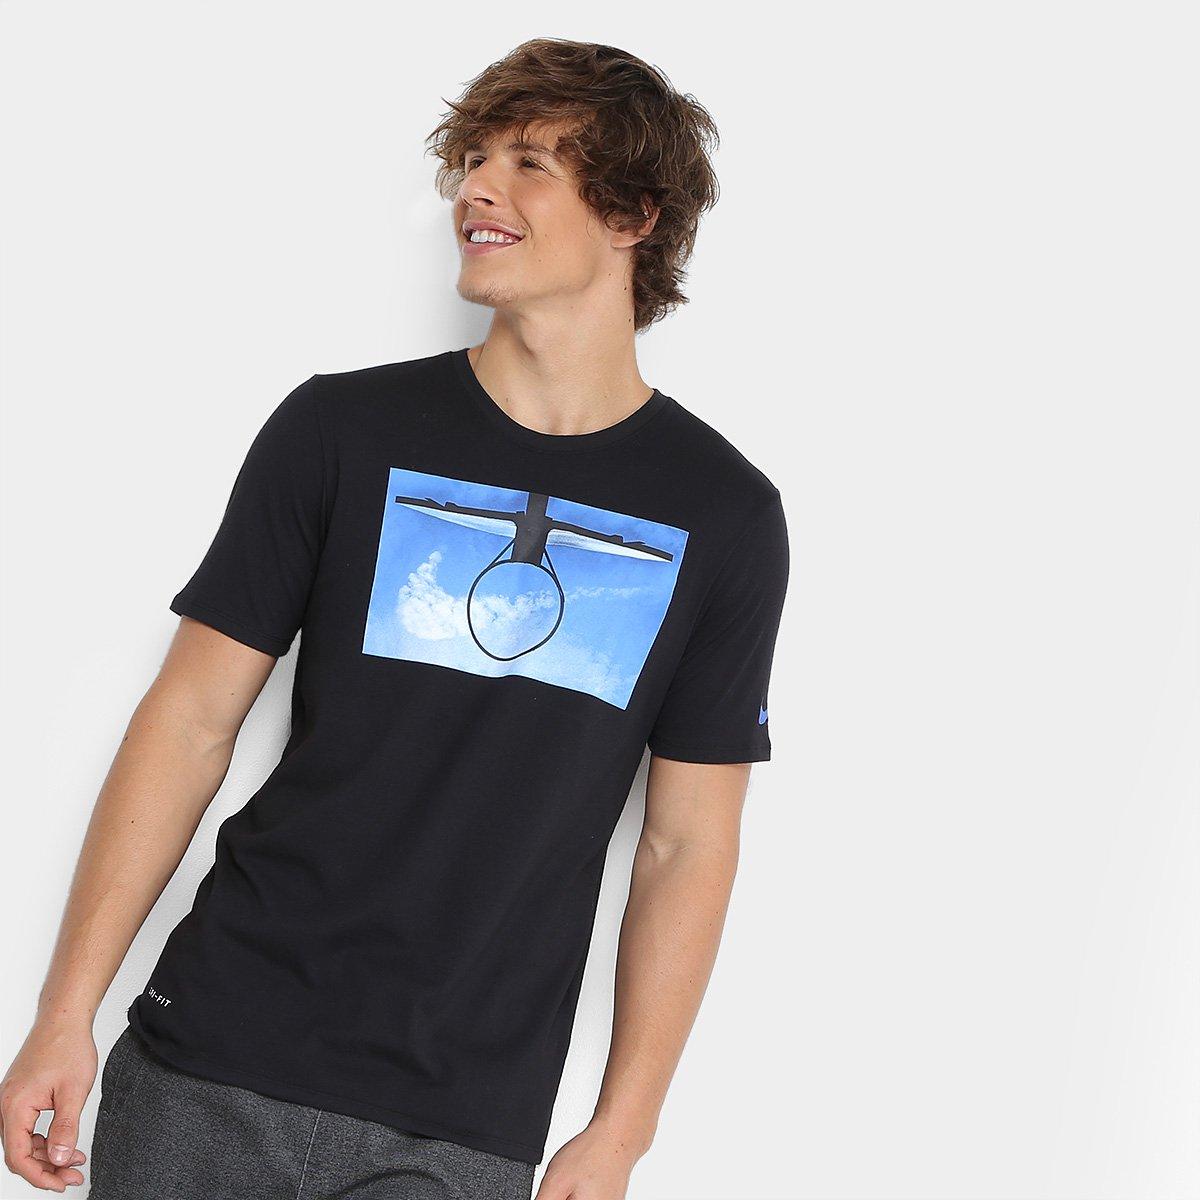 Camiseta Nike Dry Daydream Masculina - Compre Agora  0d6df21e05a8d